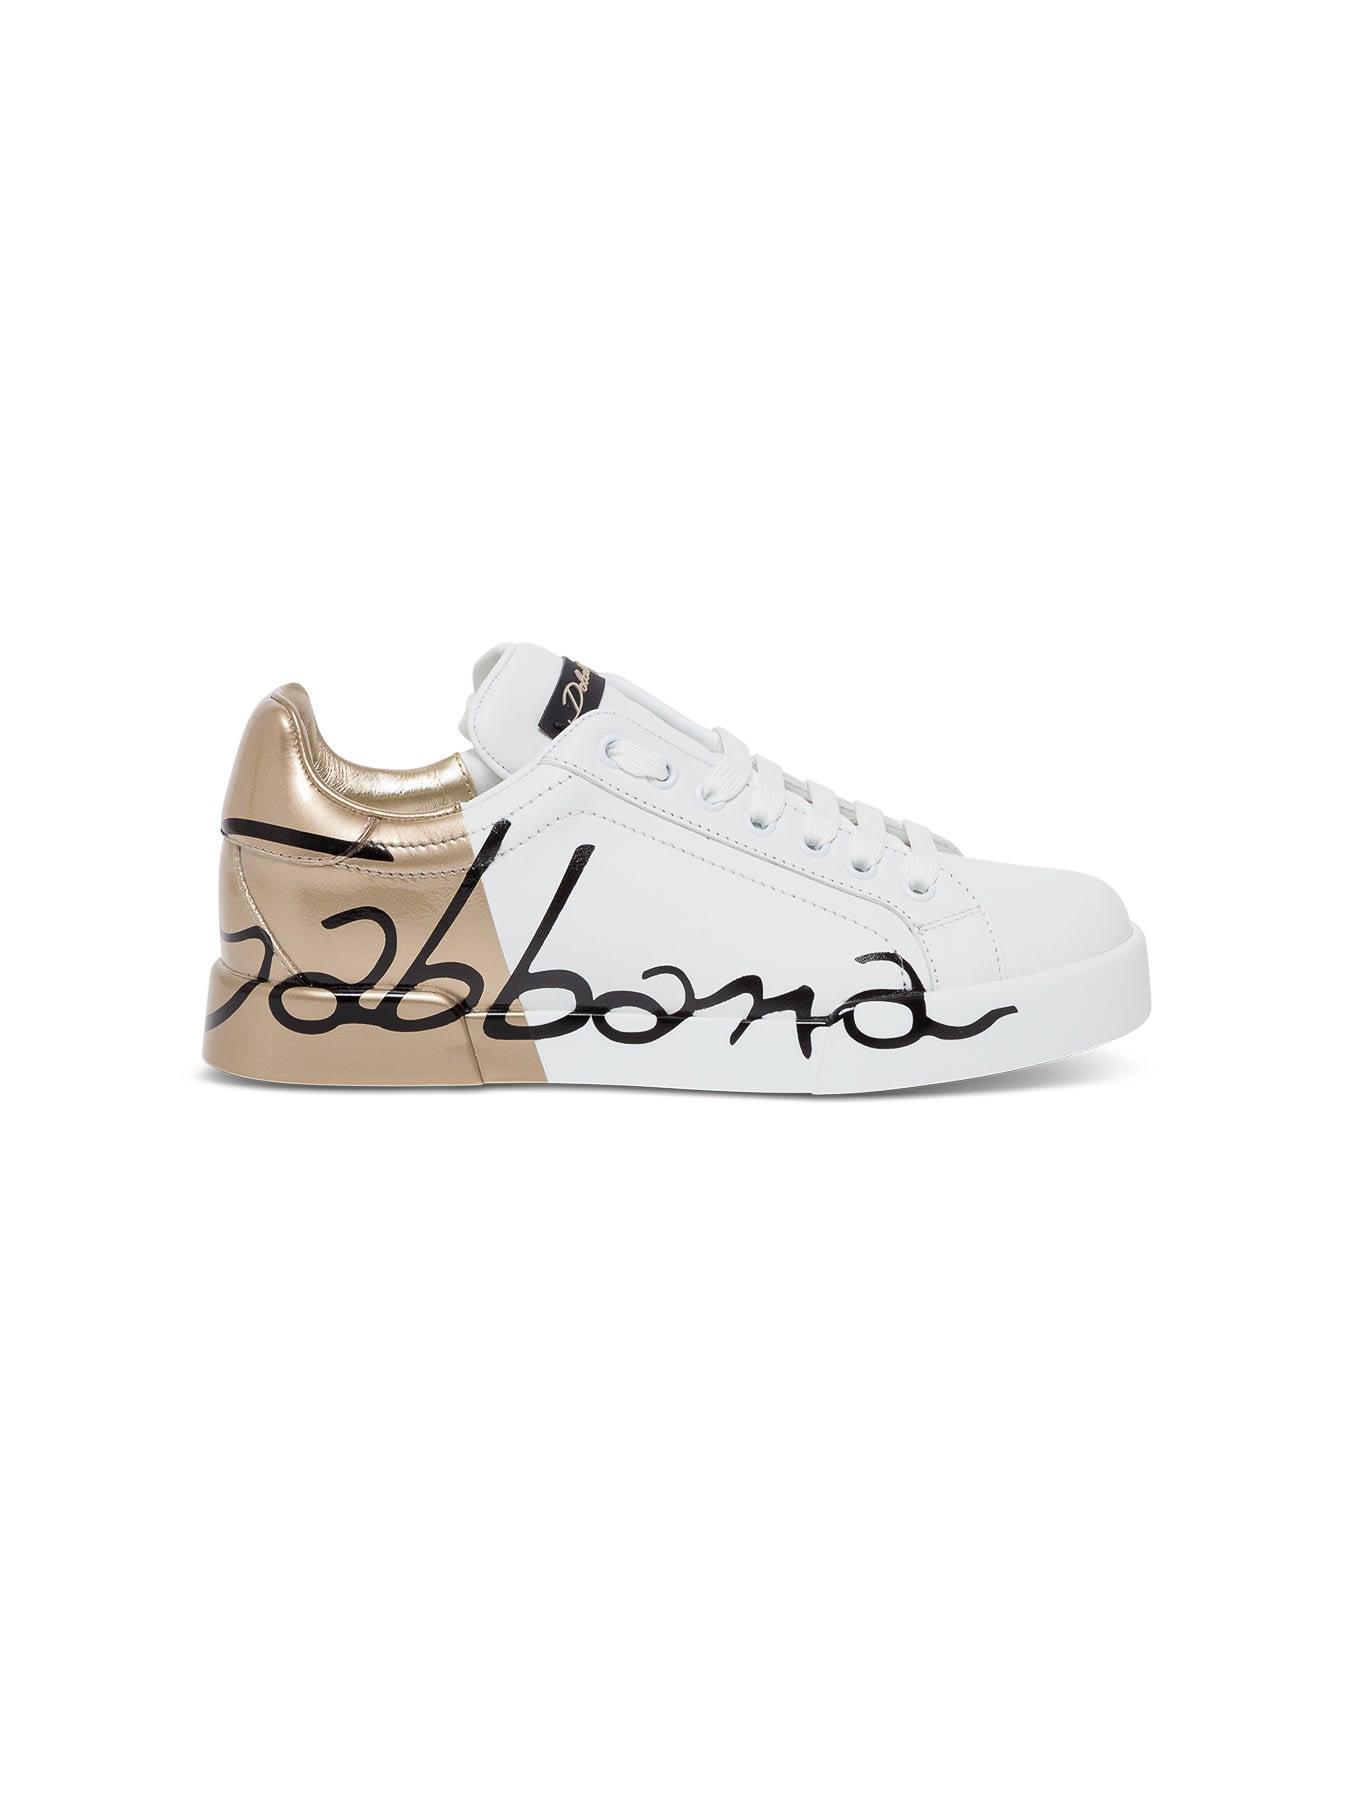 Dolce & Gabbana PORTOFINO WHITE AND GOLD SNEAKERS